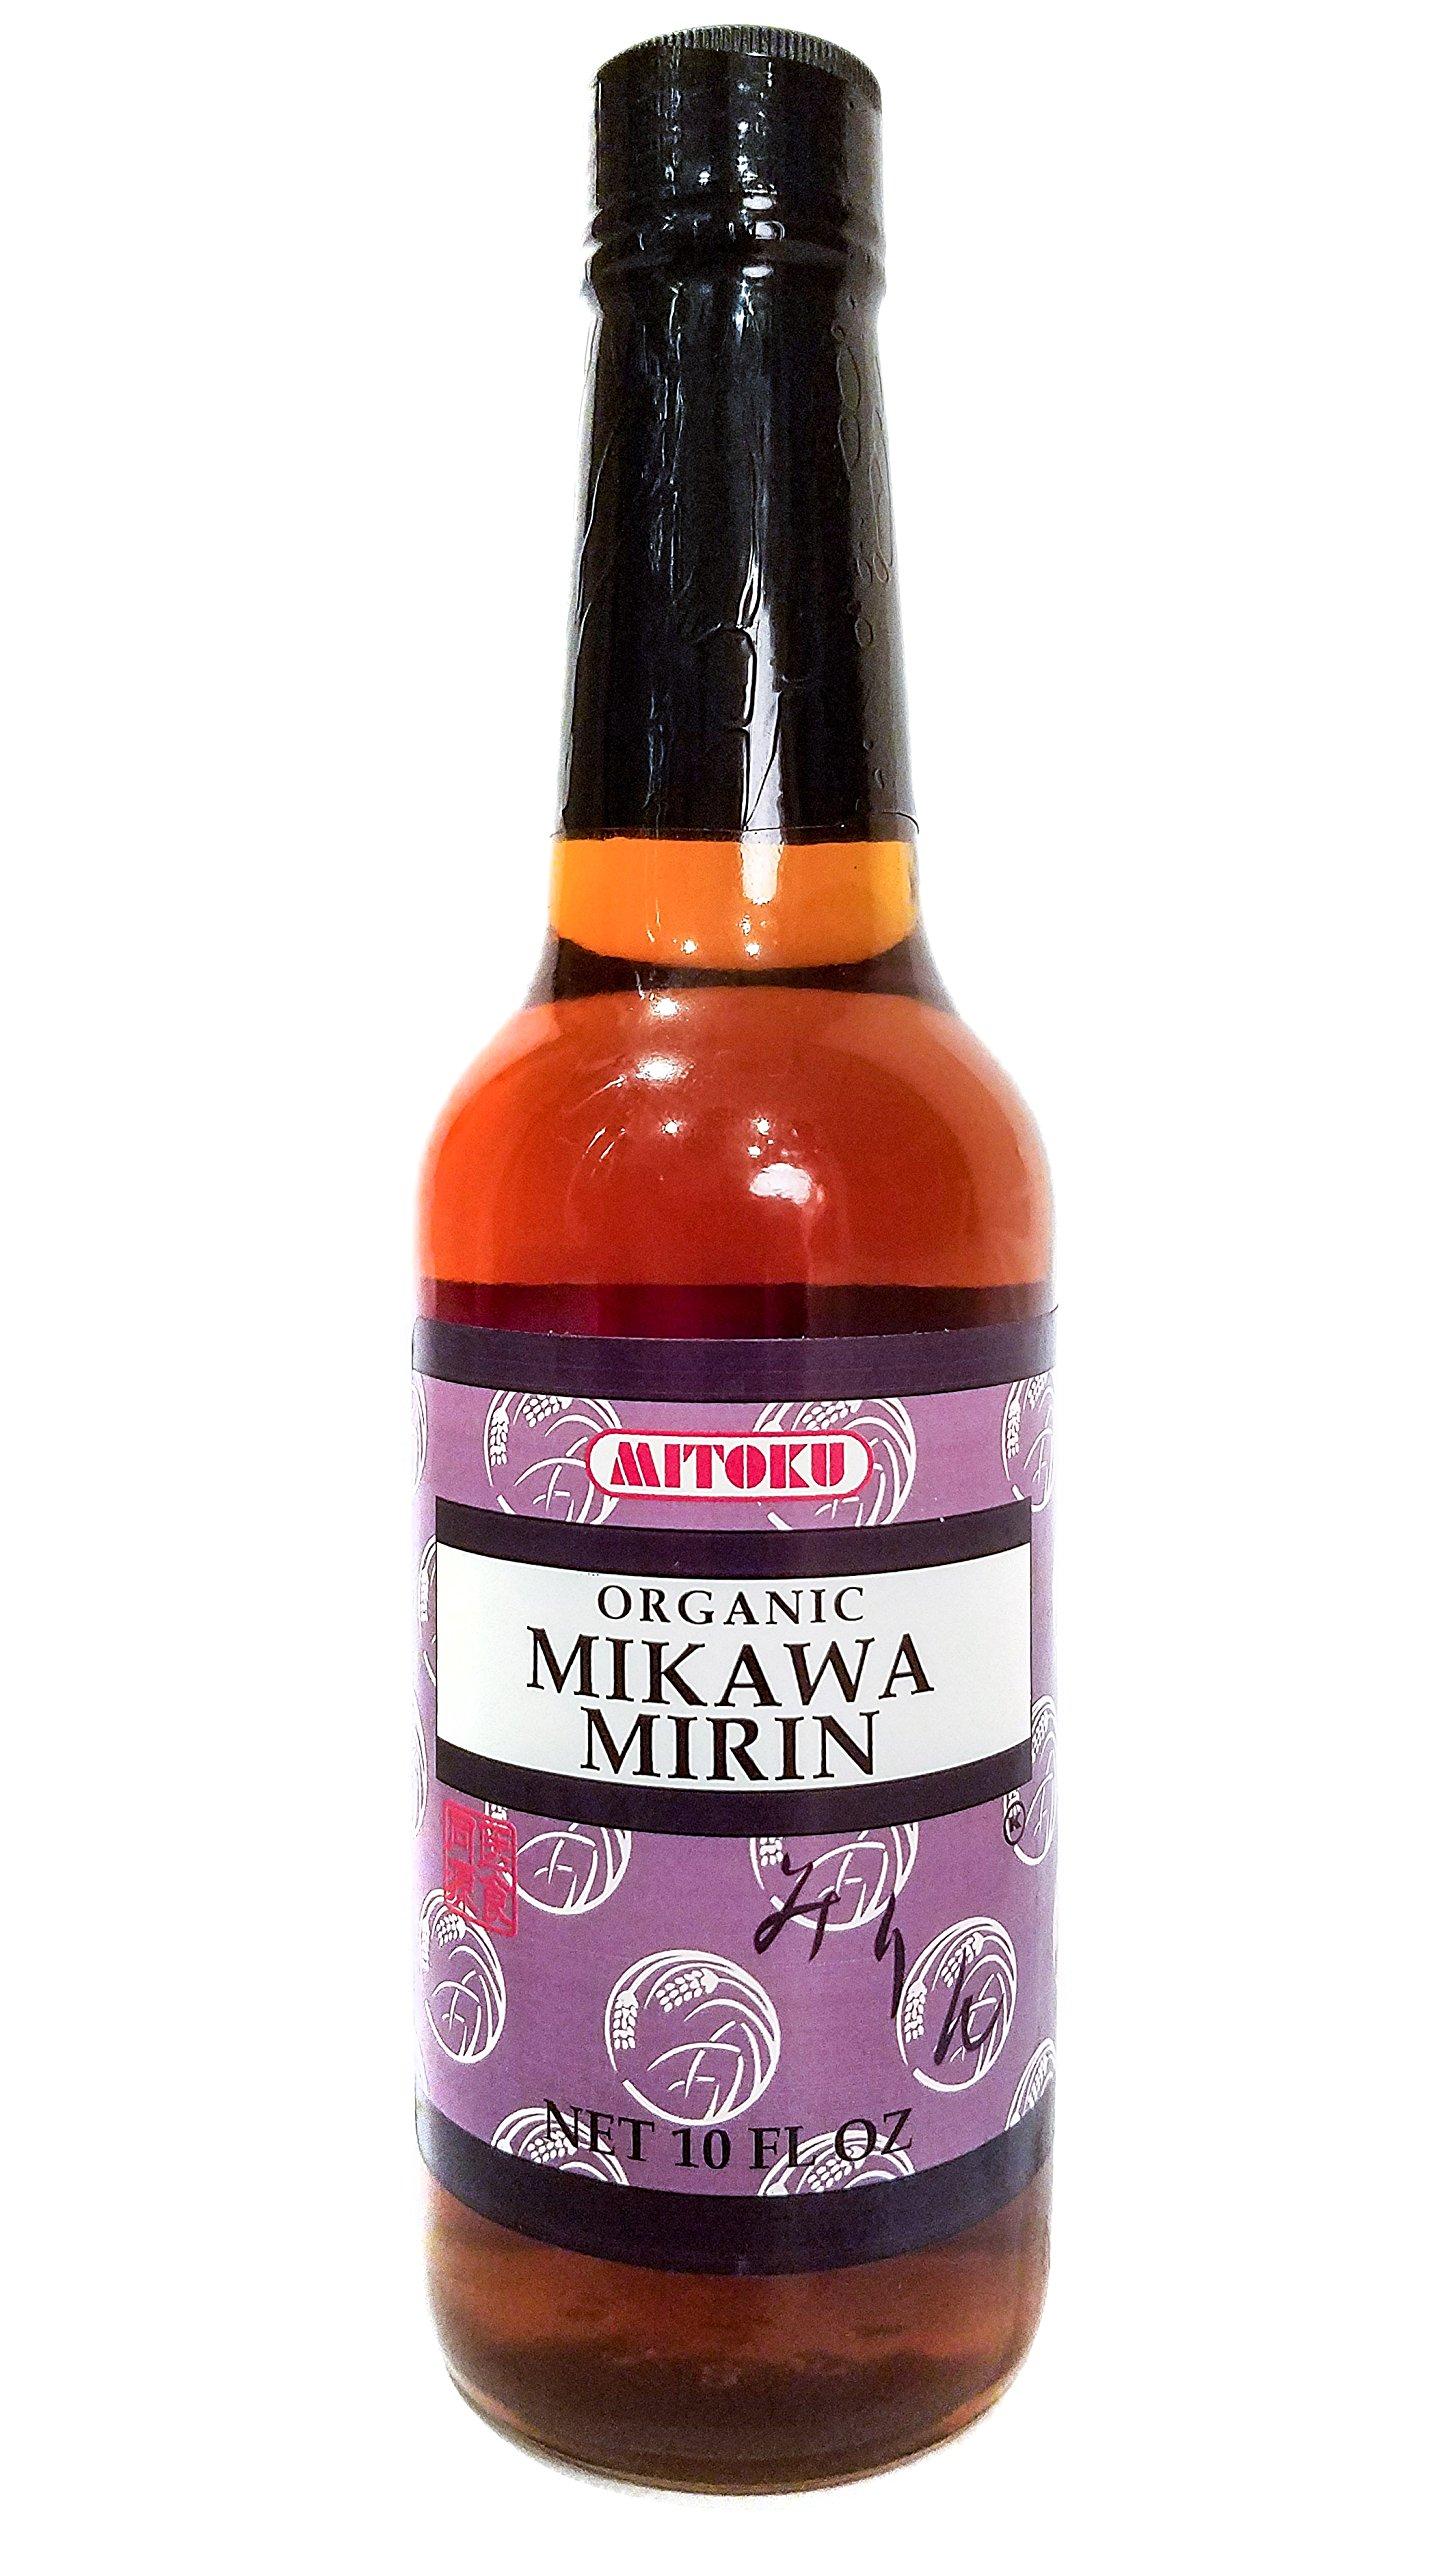 Mitoku Organic Mikawa Mirin - 10 oz. by Mitoku